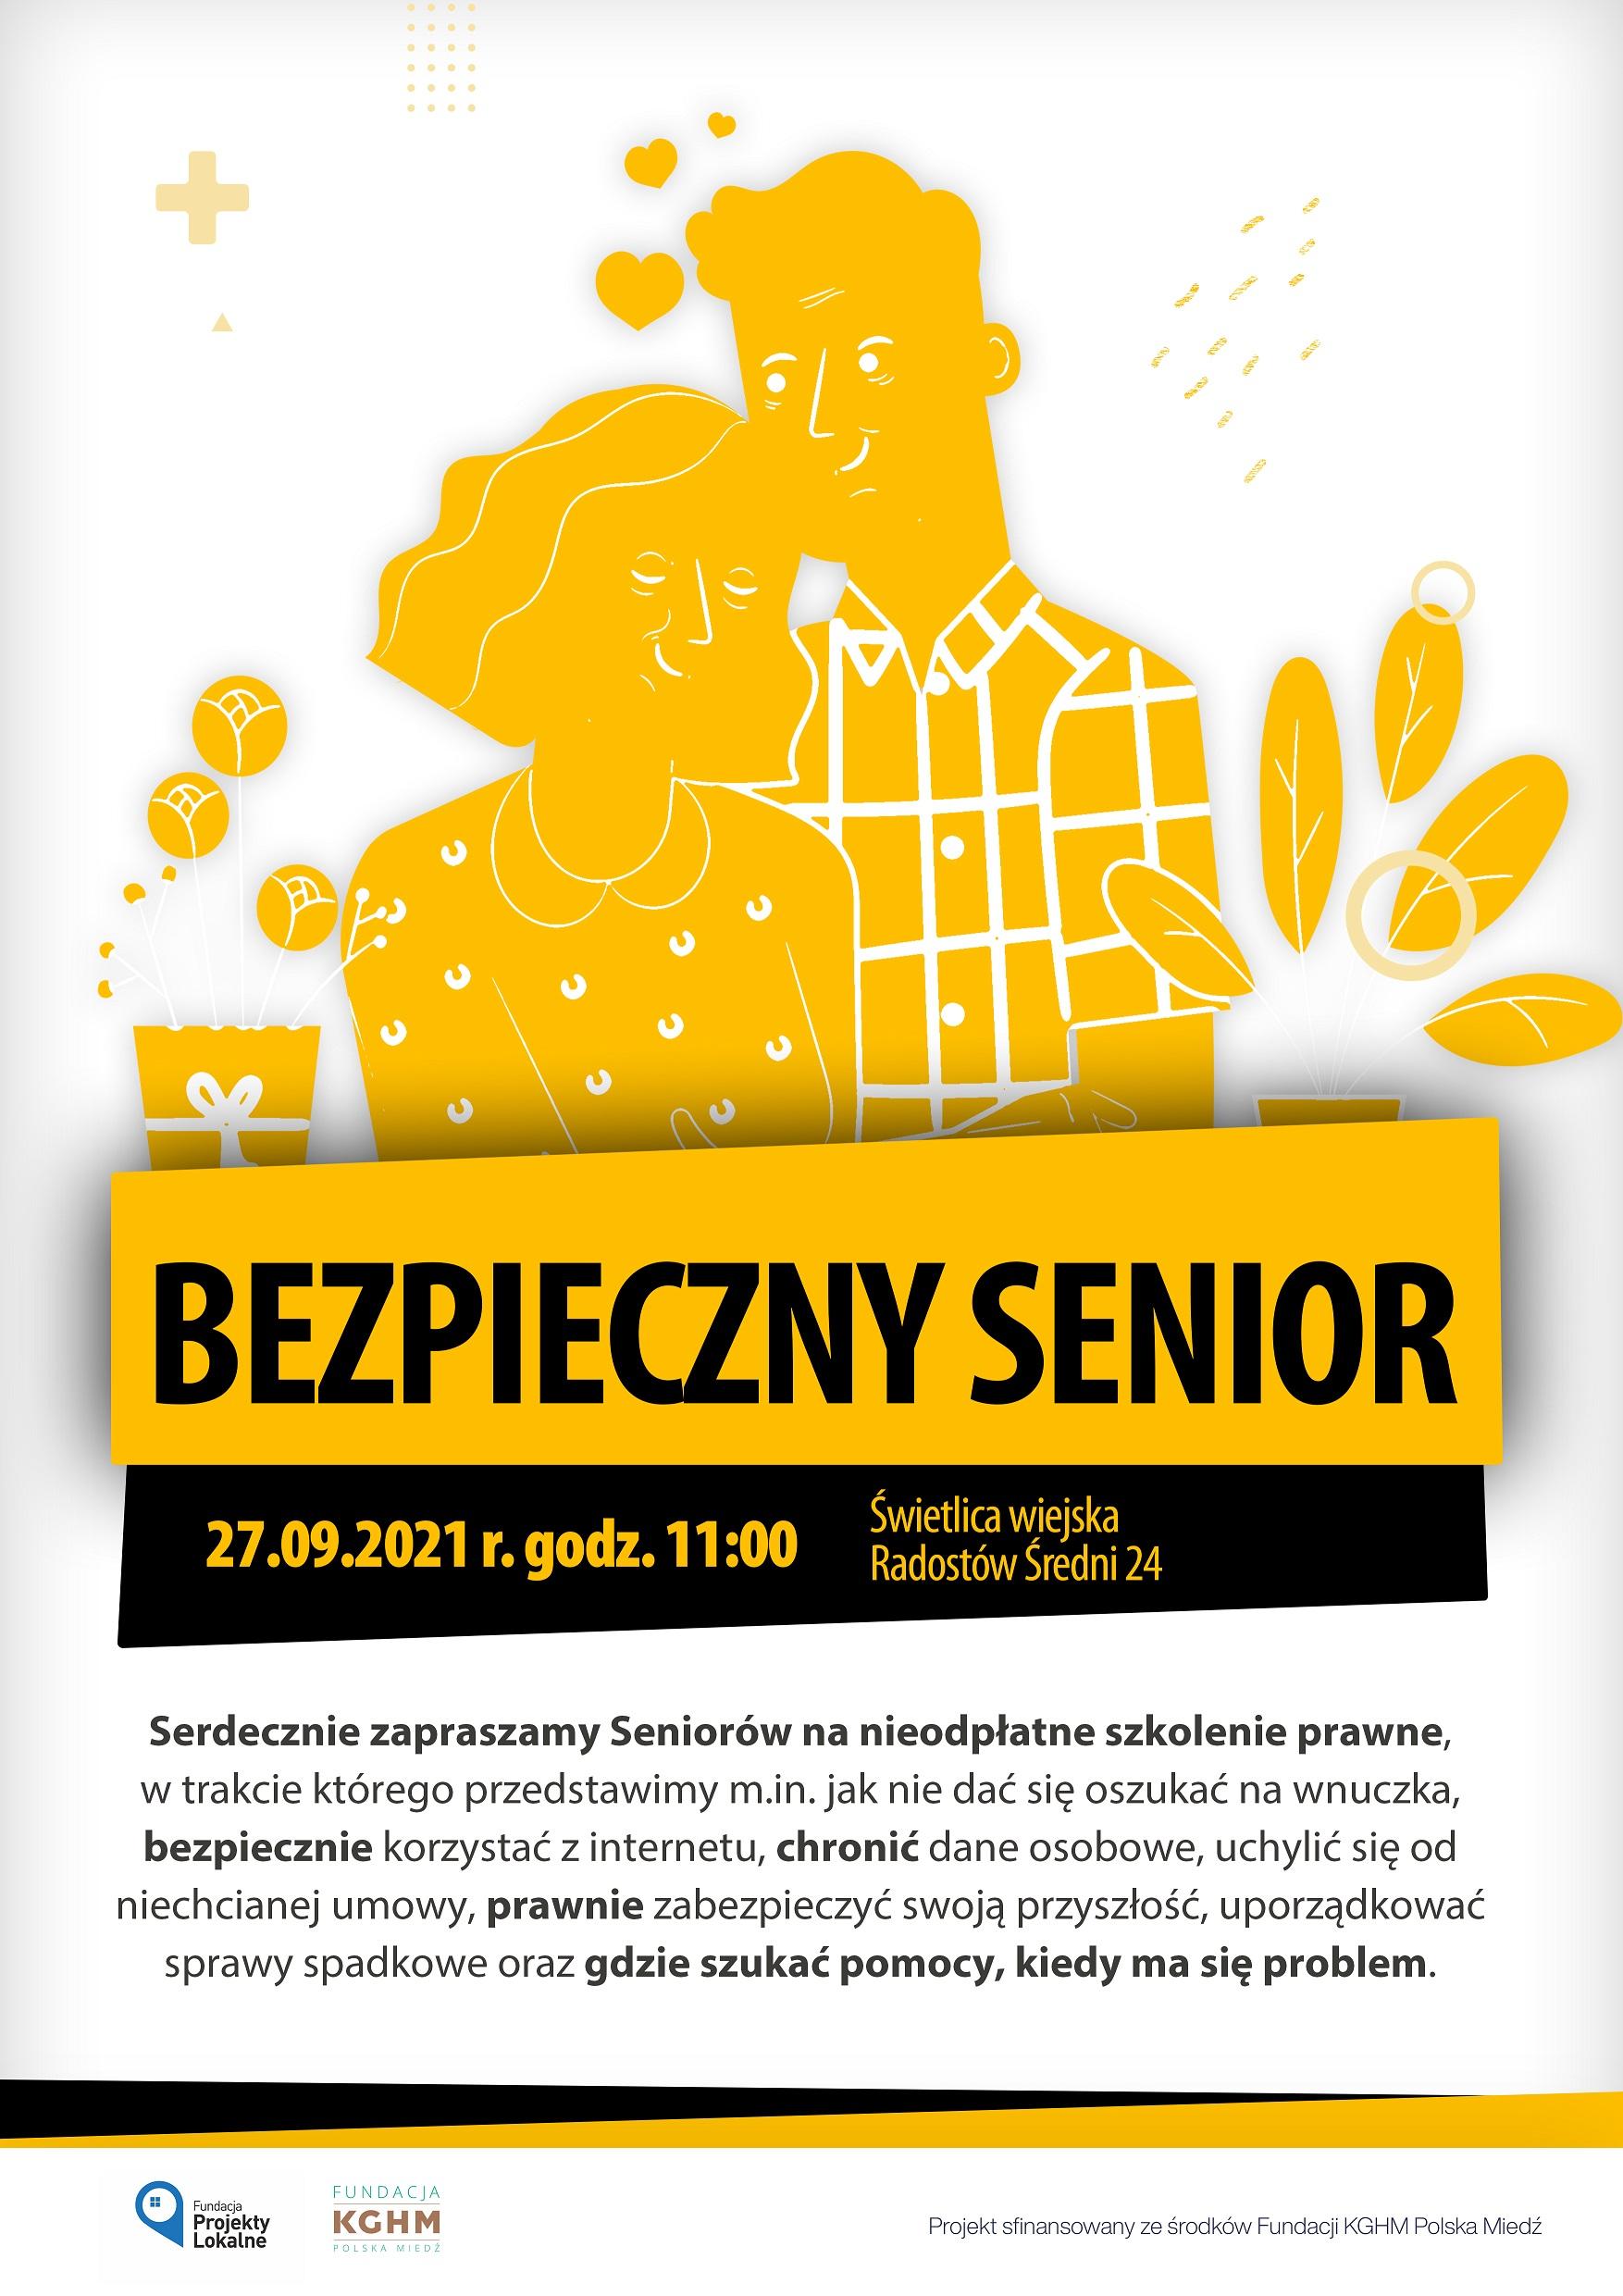 BEZPIECZNY SENIOR – Serdecznie zapraszamy Seniorów na nieodpłatne szkolenie prawne.